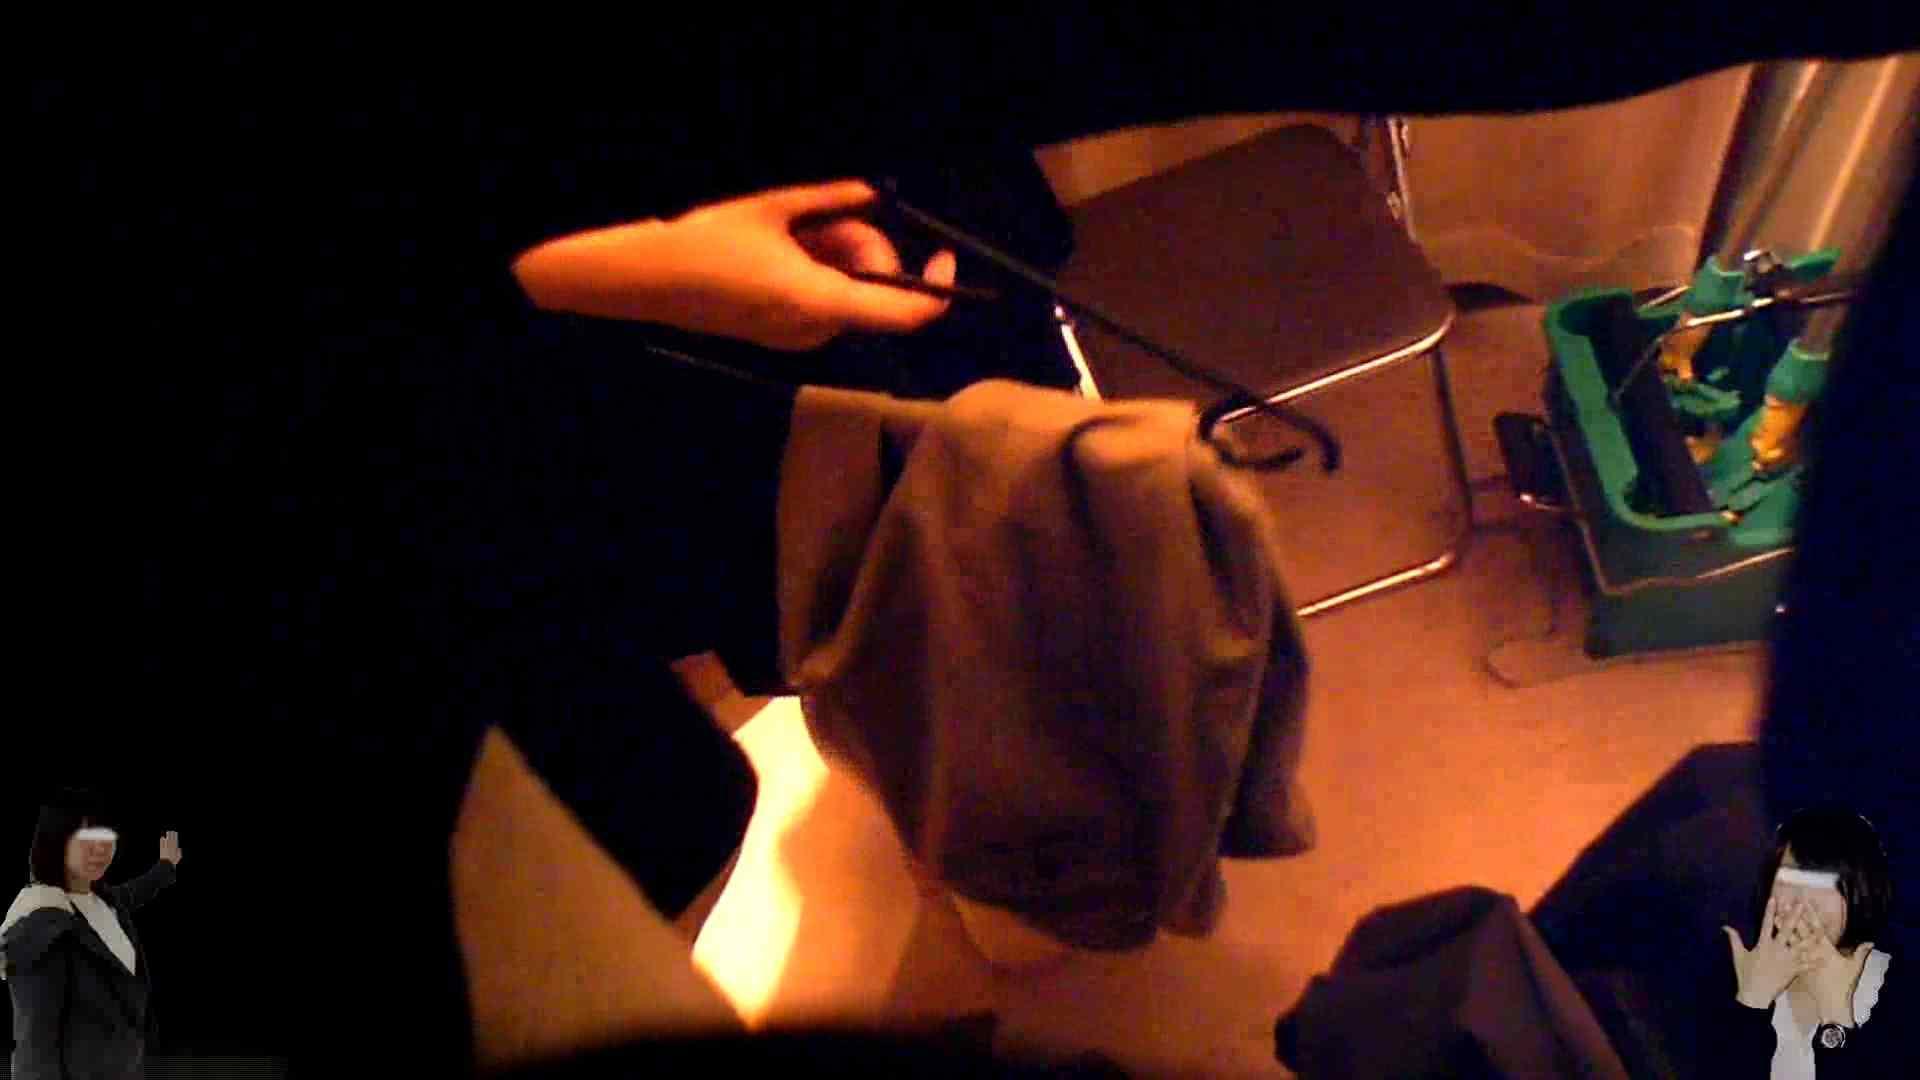 素人投稿 現役「JD」Eちゃんの着替え Vol.04 素人エロ投稿 盗撮動画紹介 60画像 55